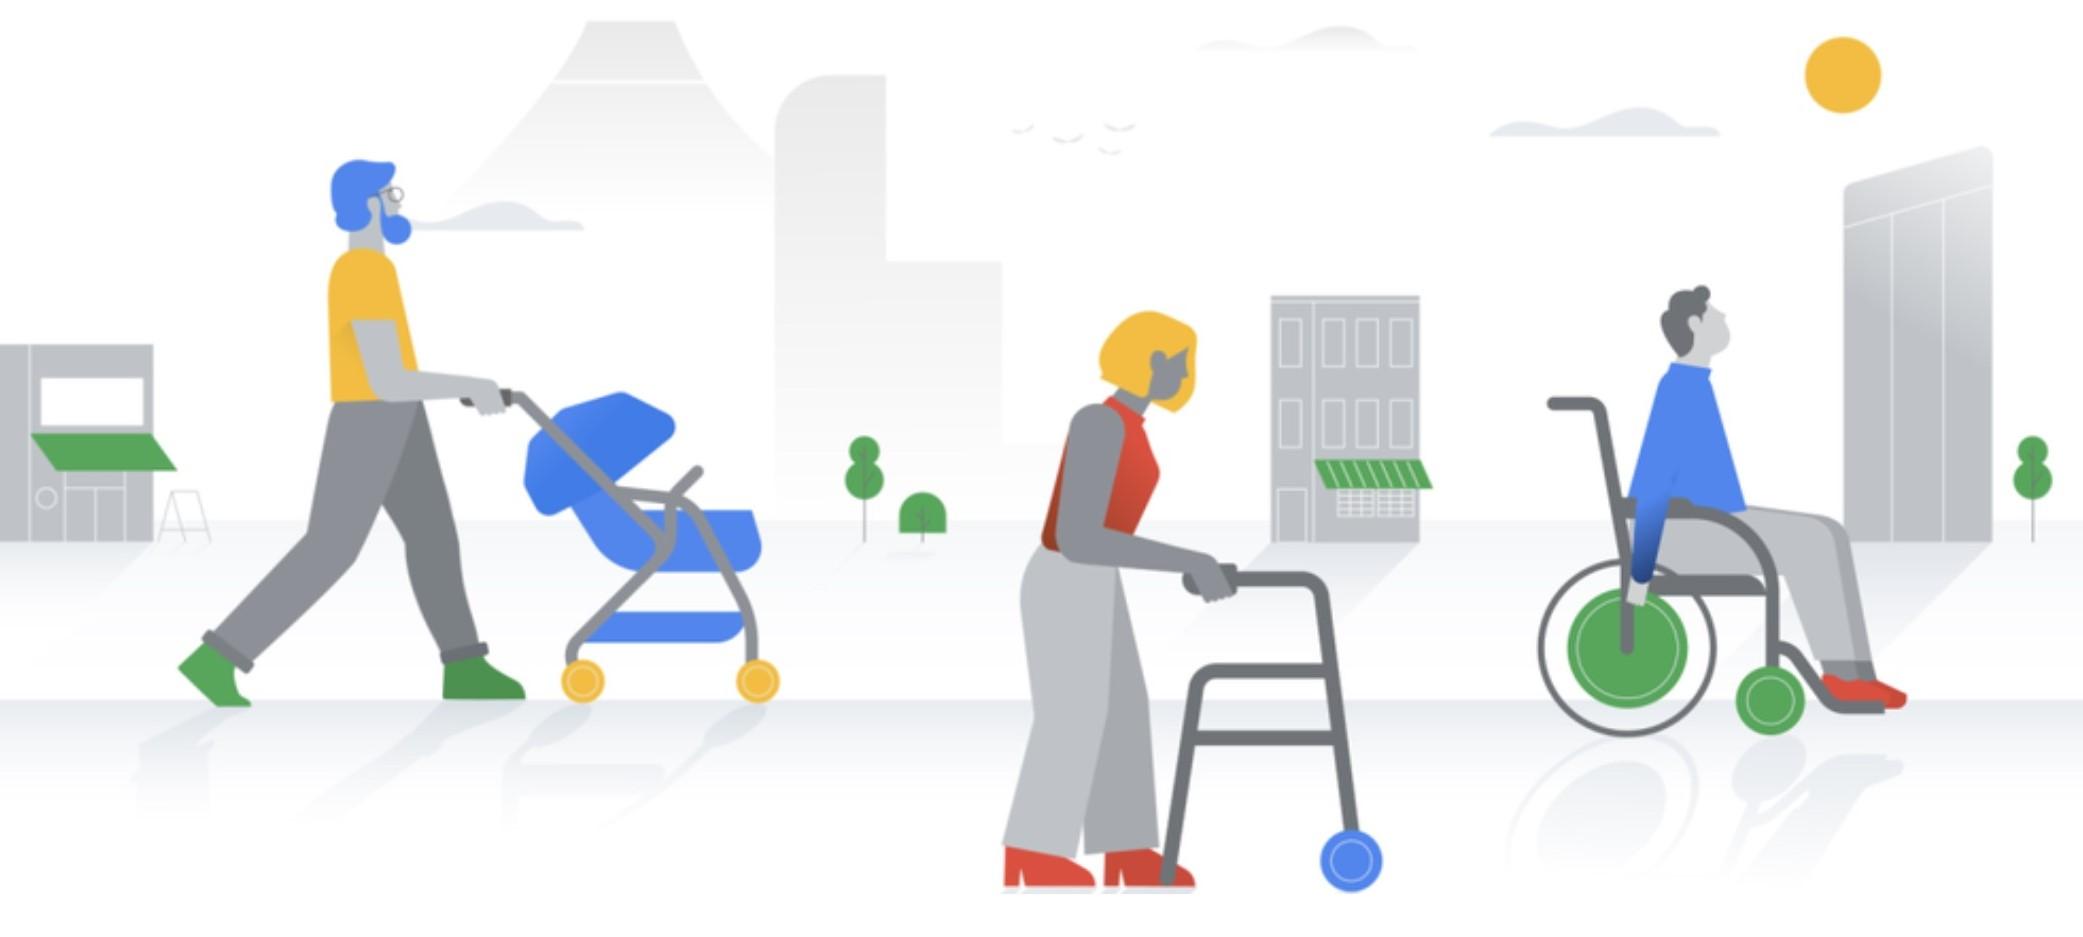 Mapy Google wyróżnią lokalizacje dostępne dla niepełnosprawnych za pomocą ikony wózka inwalidzkiego 30